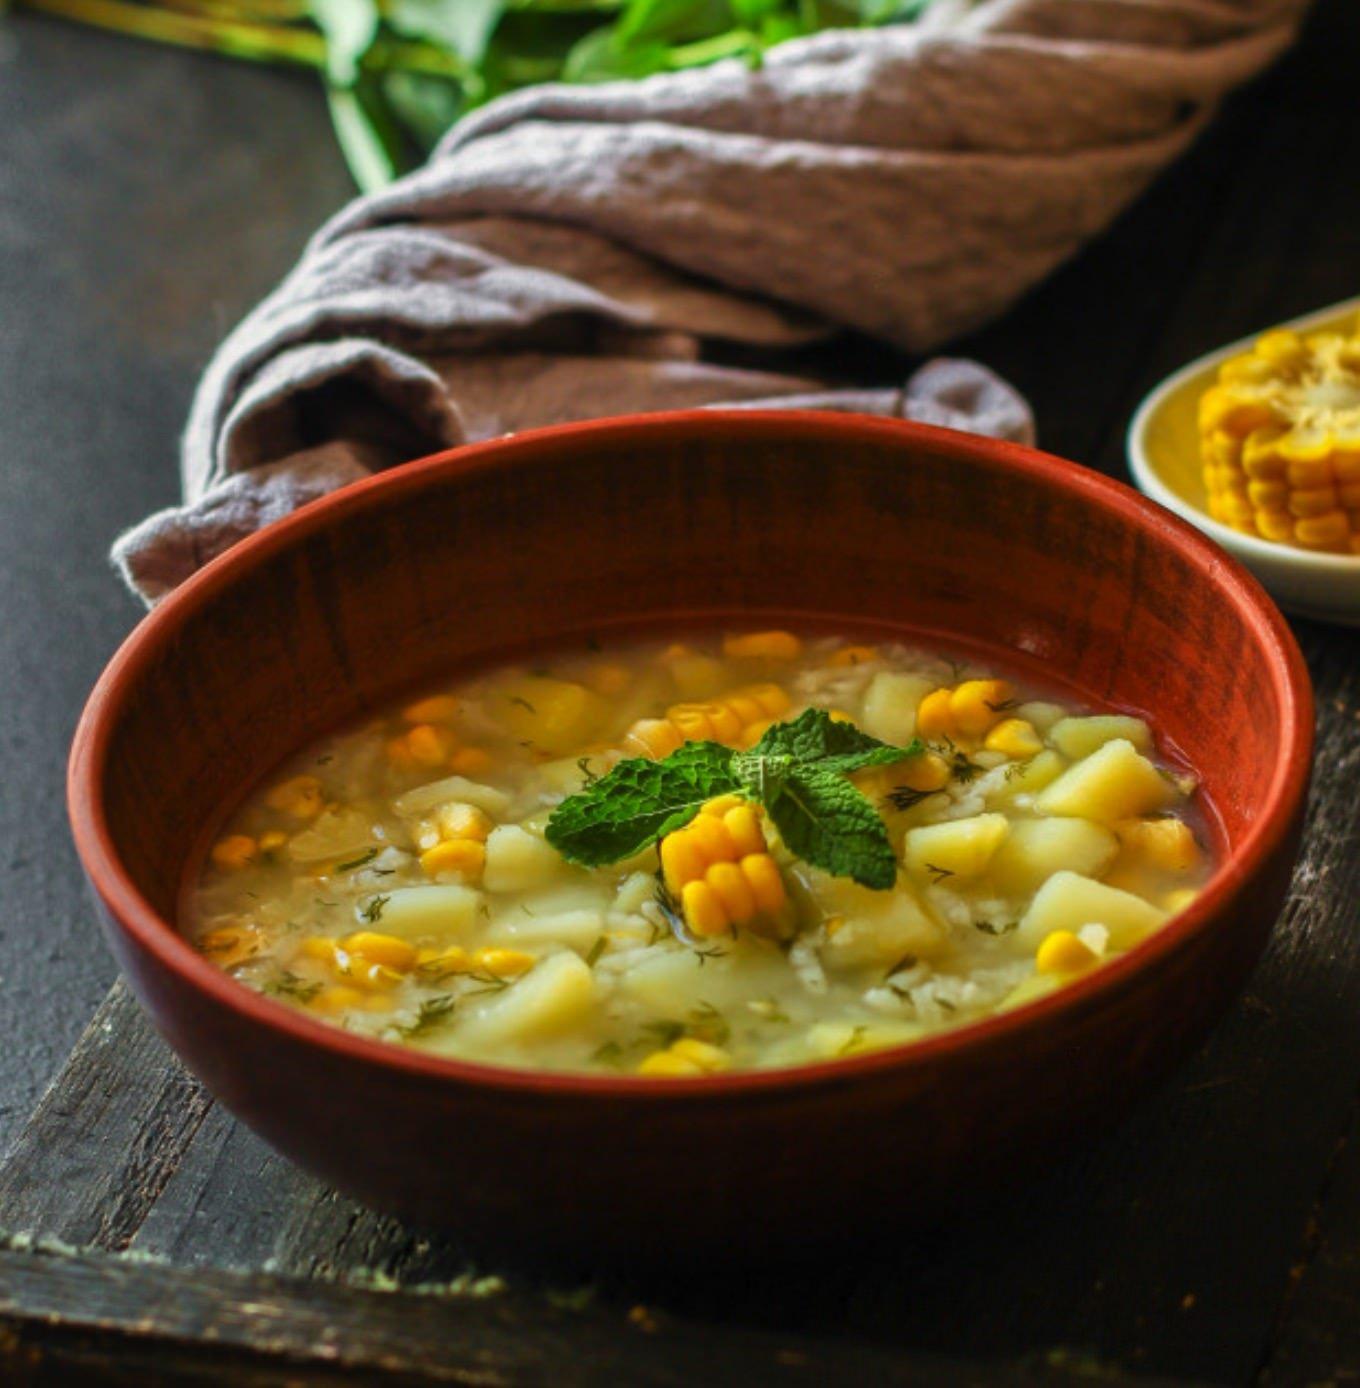 Caldo de papas, millo, huevo y cilantro